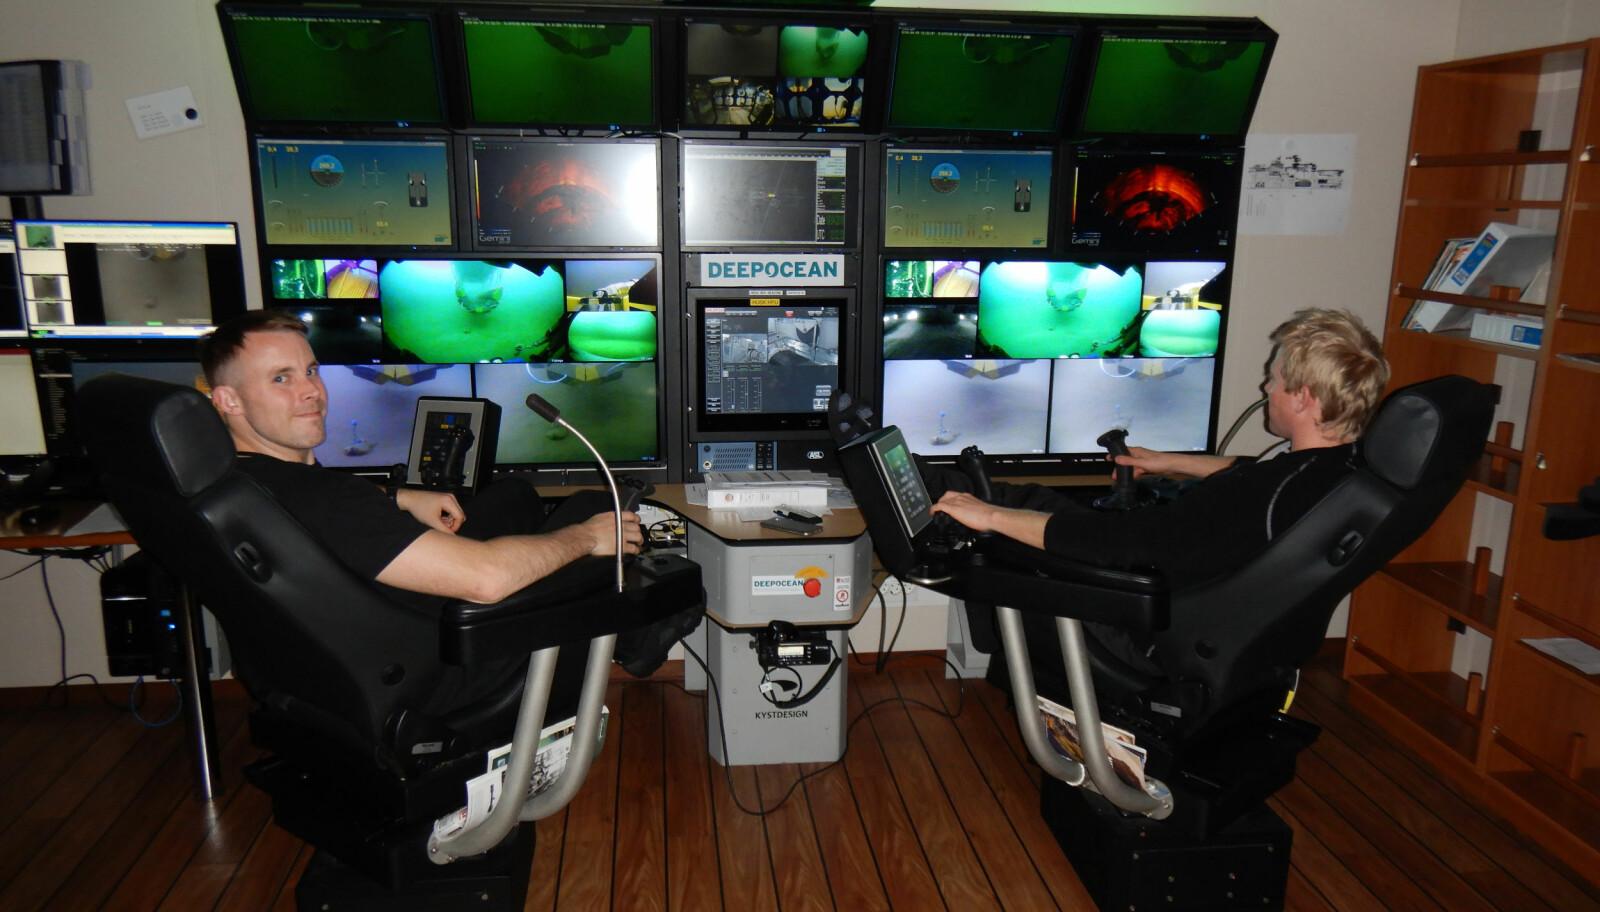 <b>ULTRAGAMING:</b> Kristian Thune og Thomas Bru fjernstyrer ROV-ene. Ansvaret er stort, tabber koster mye penger. FOTO: Edda Freya/Jim-Ivar Berg